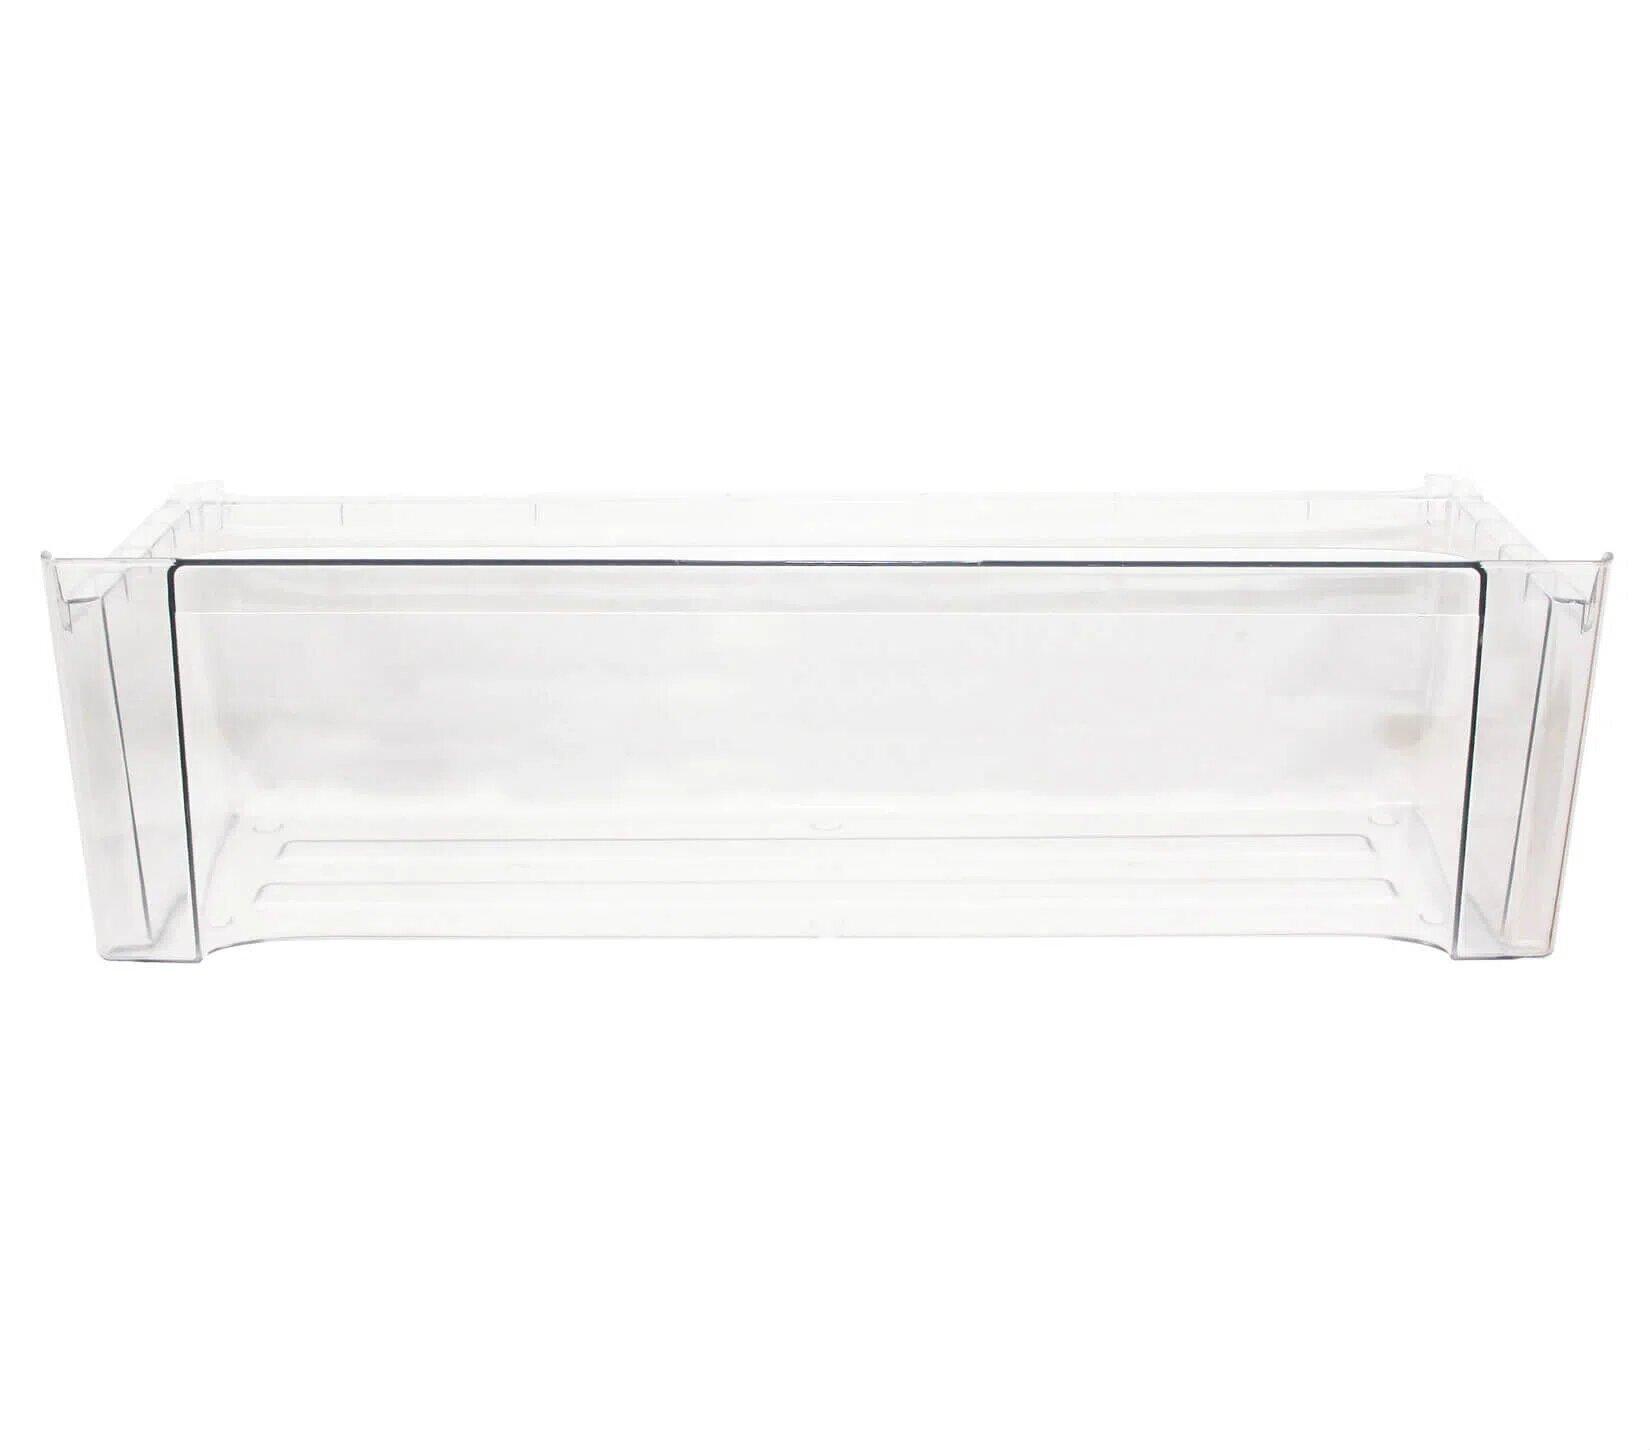 Gaveta para Congelador Brastemp - W11298039